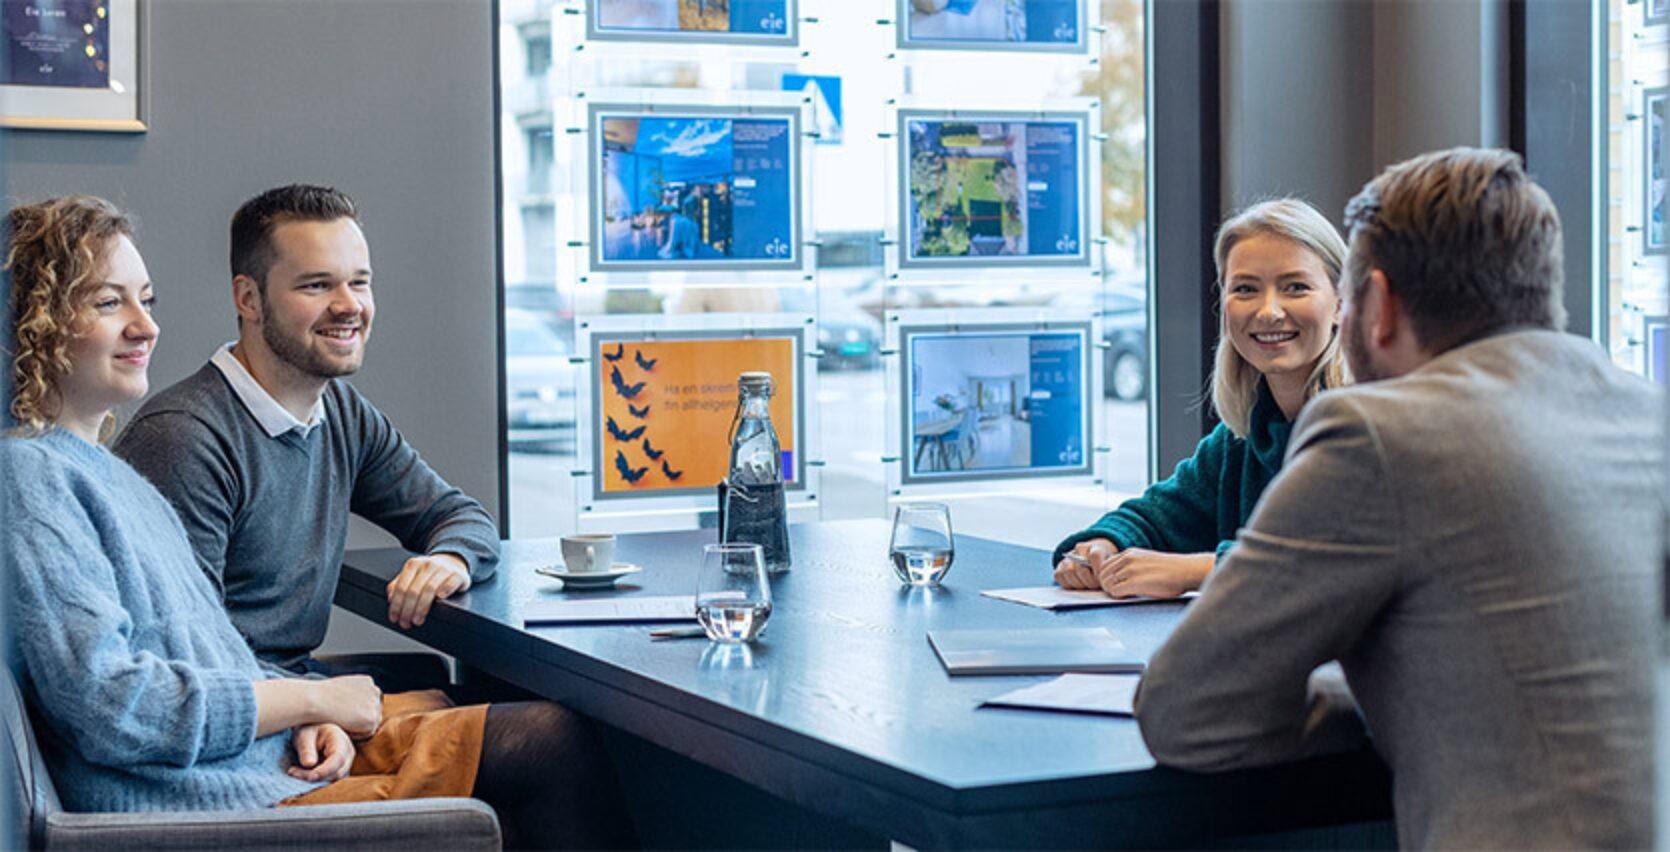 Eiendomsmegler, boligselger- og kjøper sitter rundt et bord og skriver under kontrakter på et meglerkontor